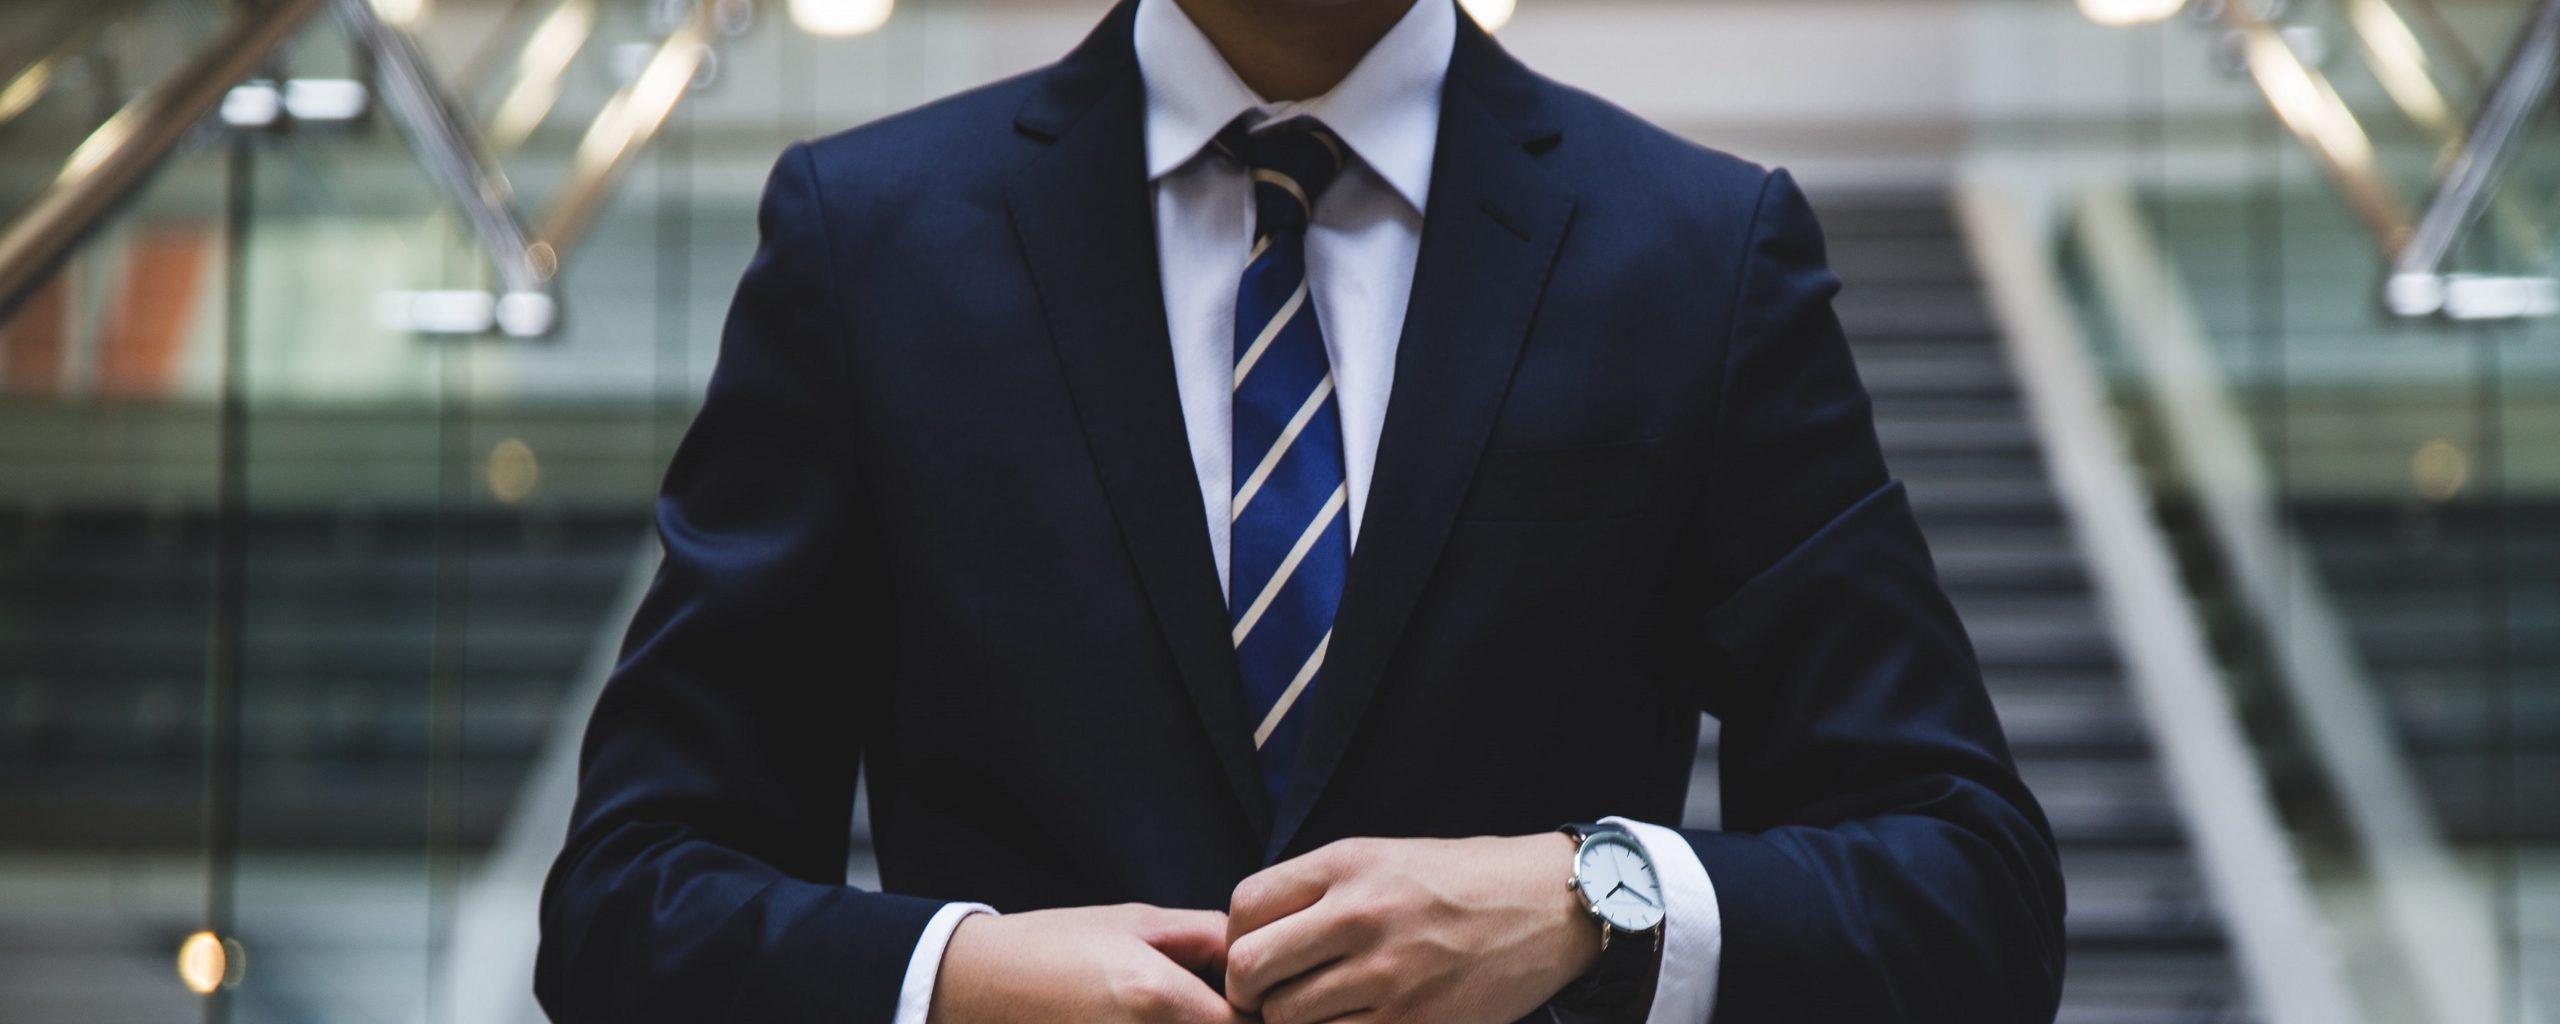 intemédiaire cession entreprise, conseil cession, expert cession fonds de commerce